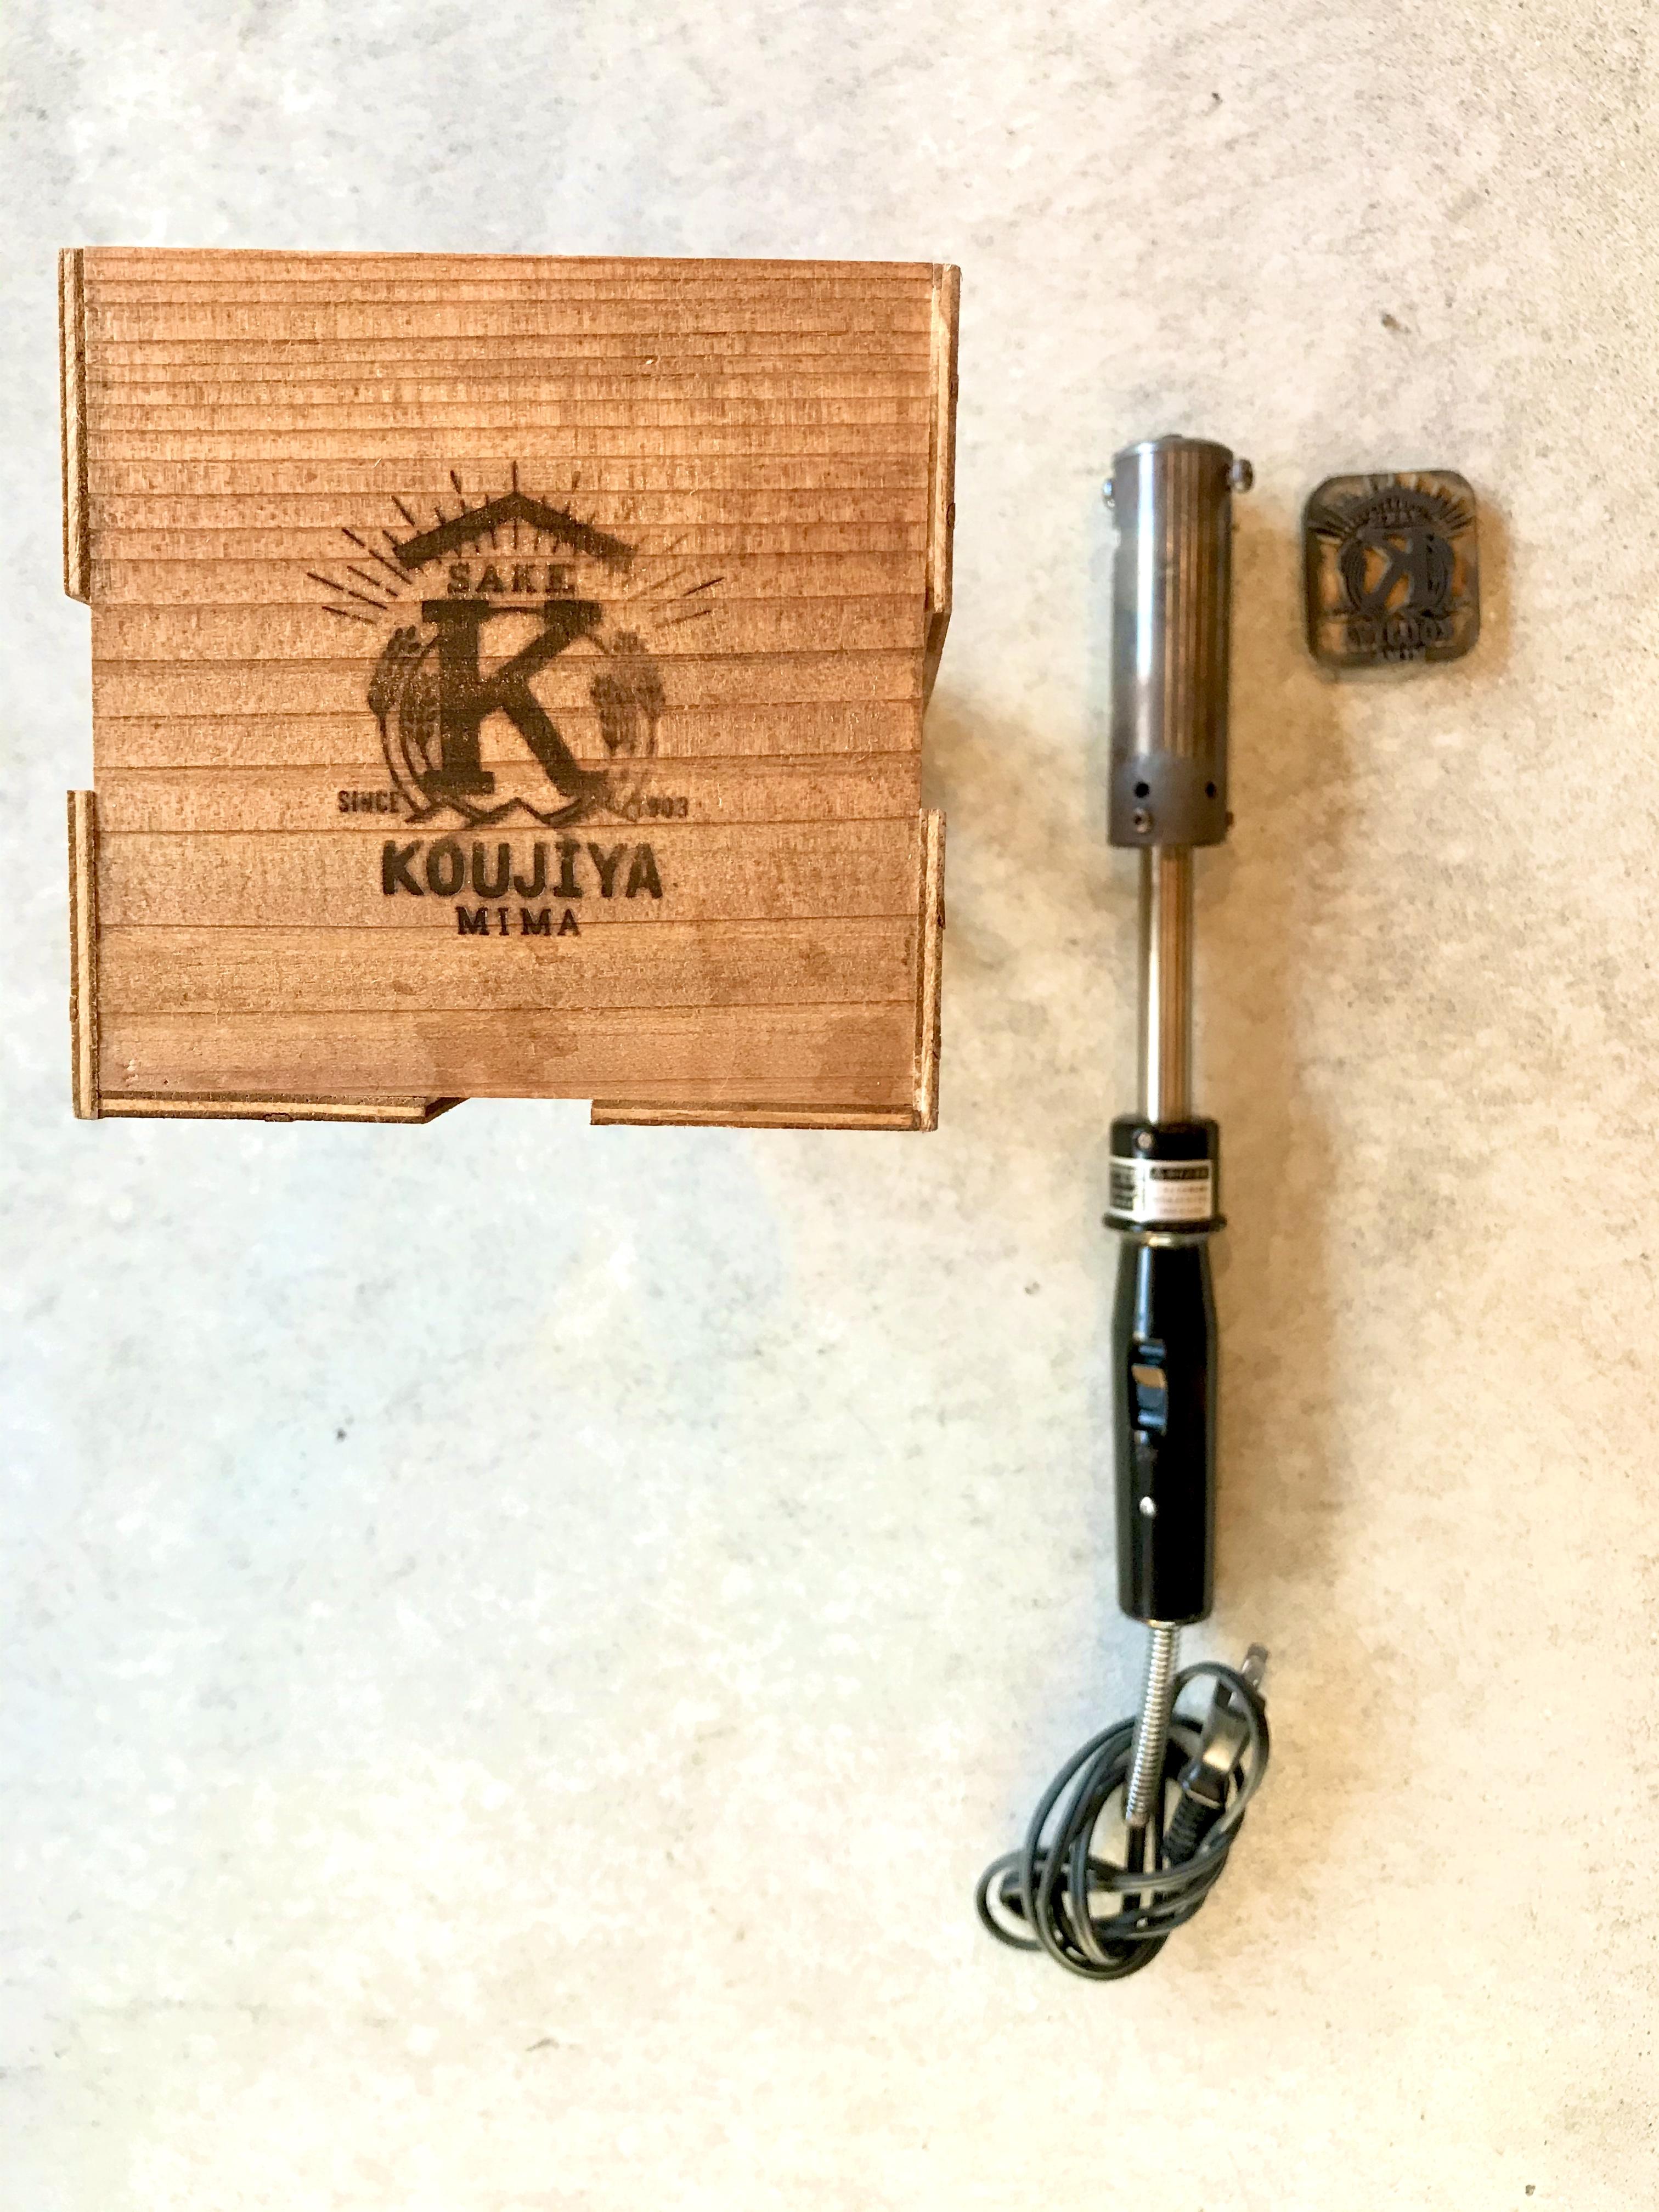 KOUJIYAオリジナルの焼印制作